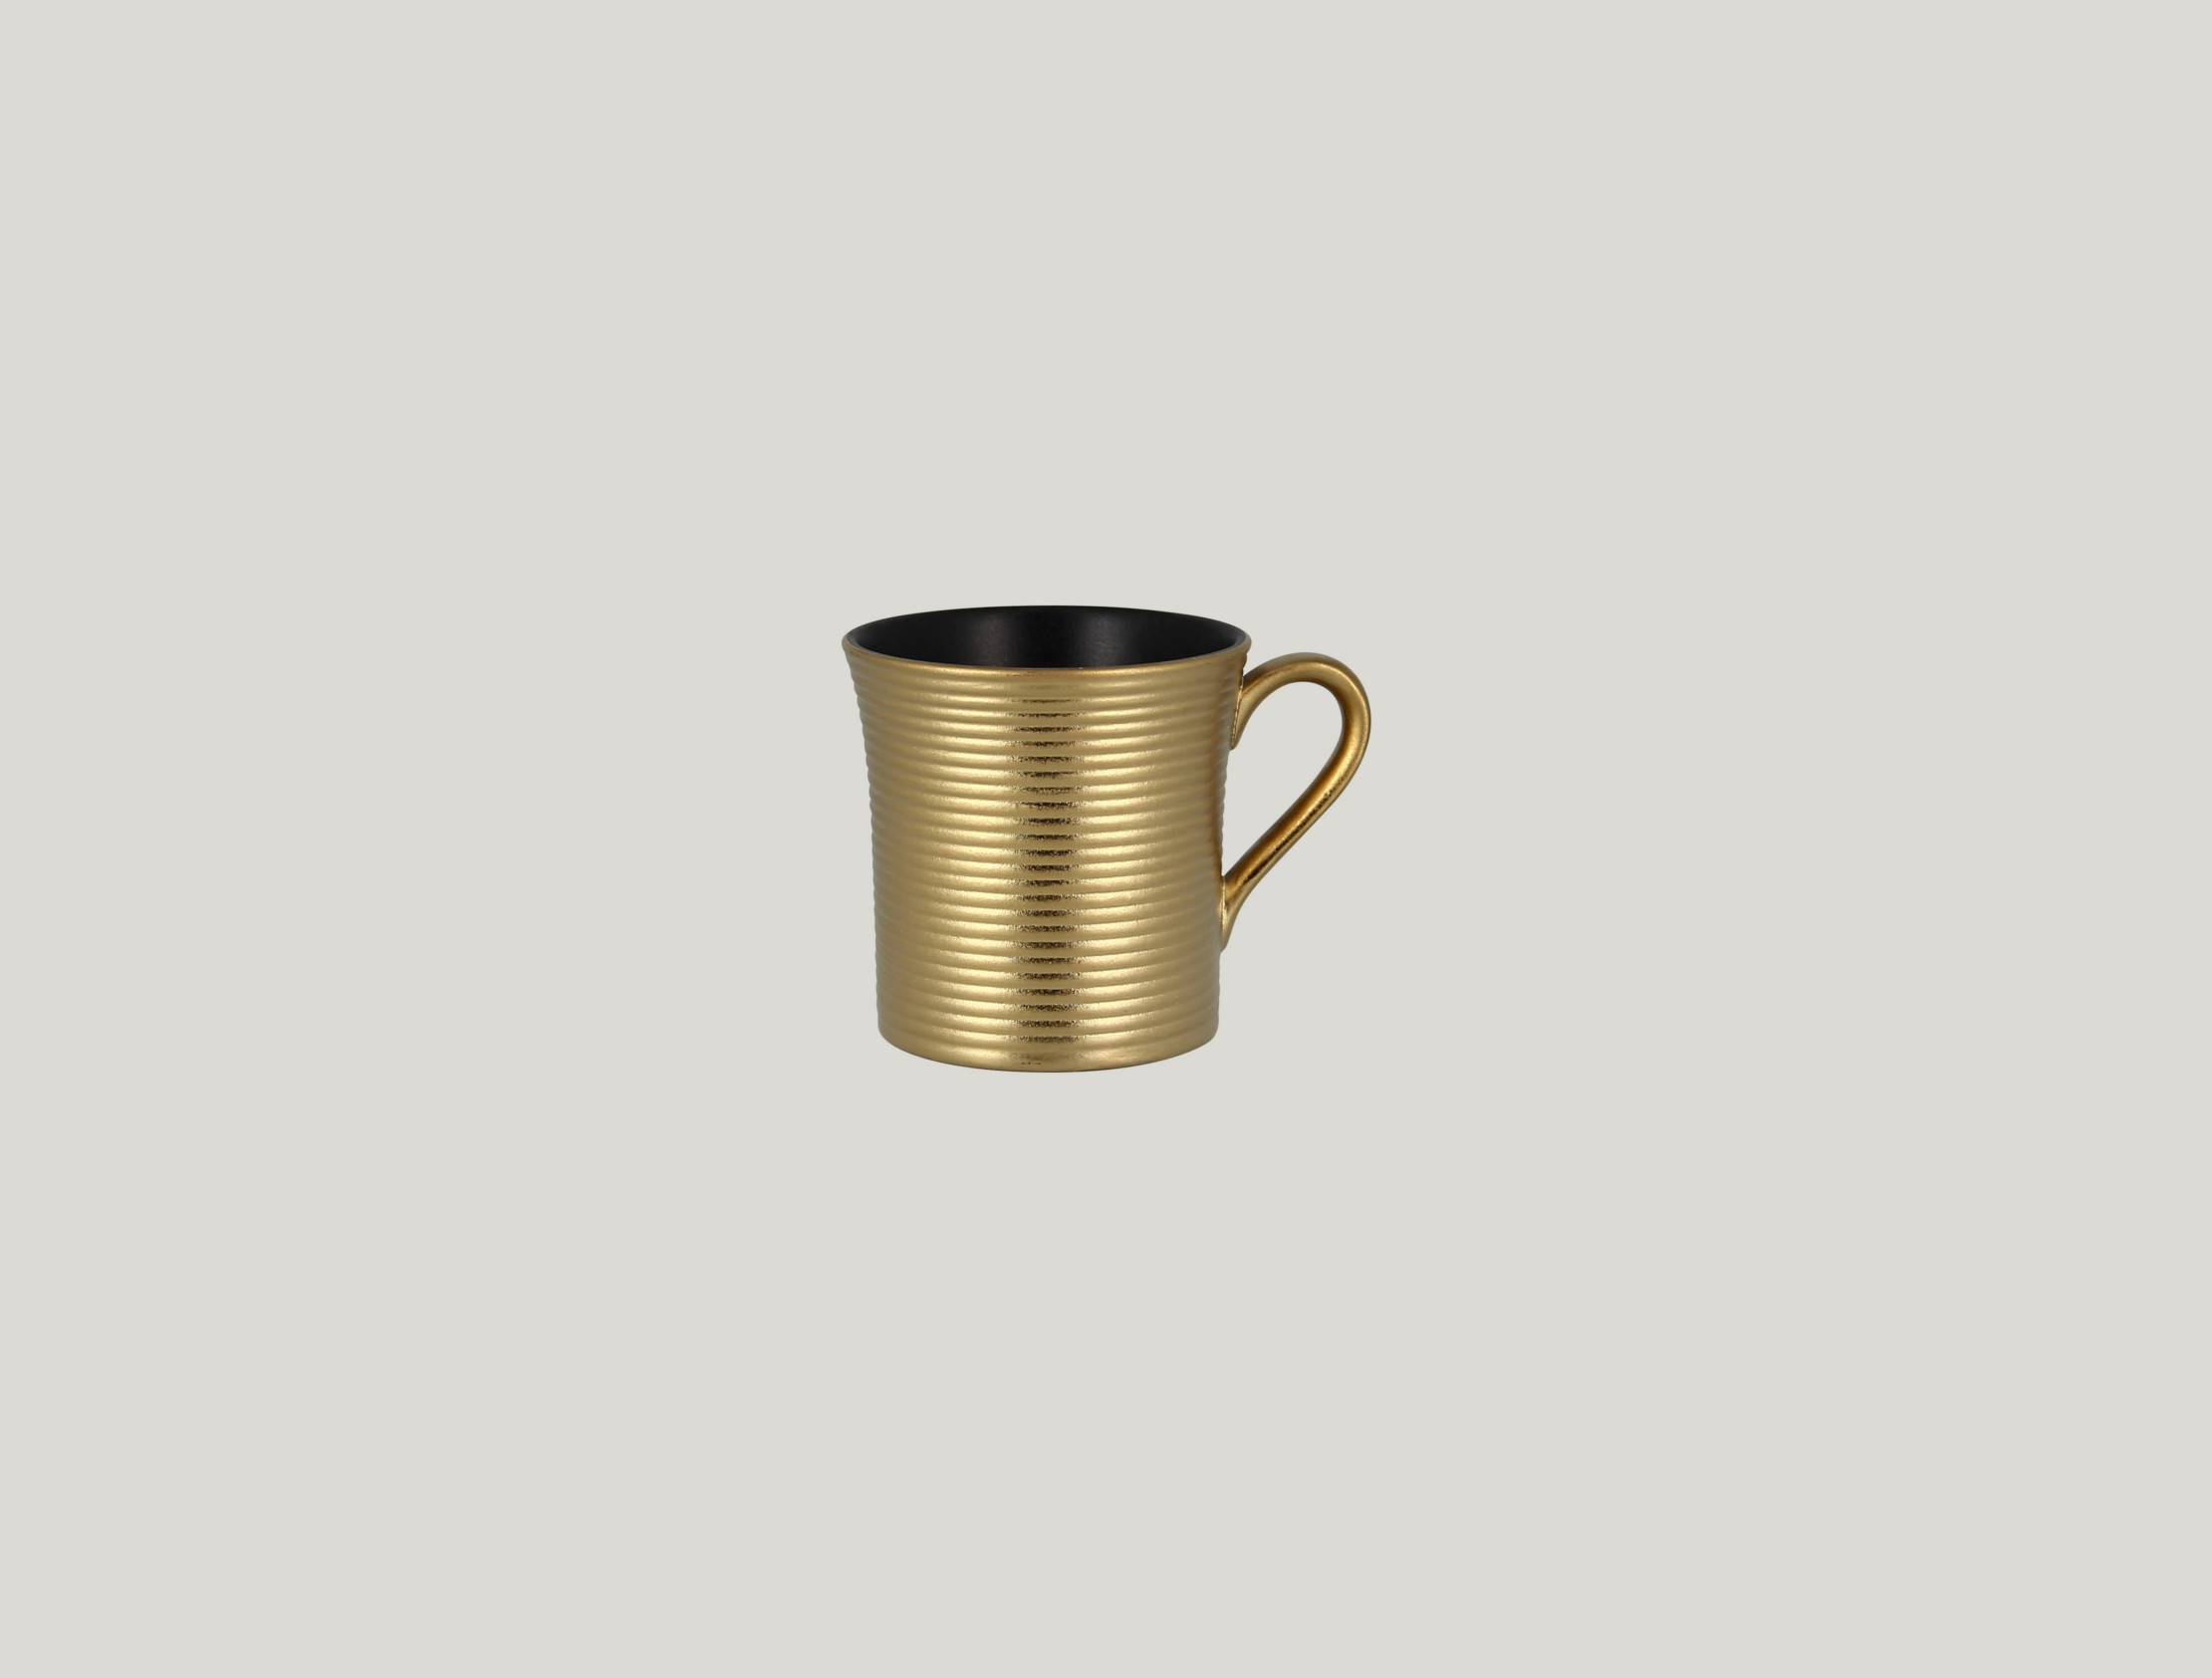 Šálek - gold ANTIC